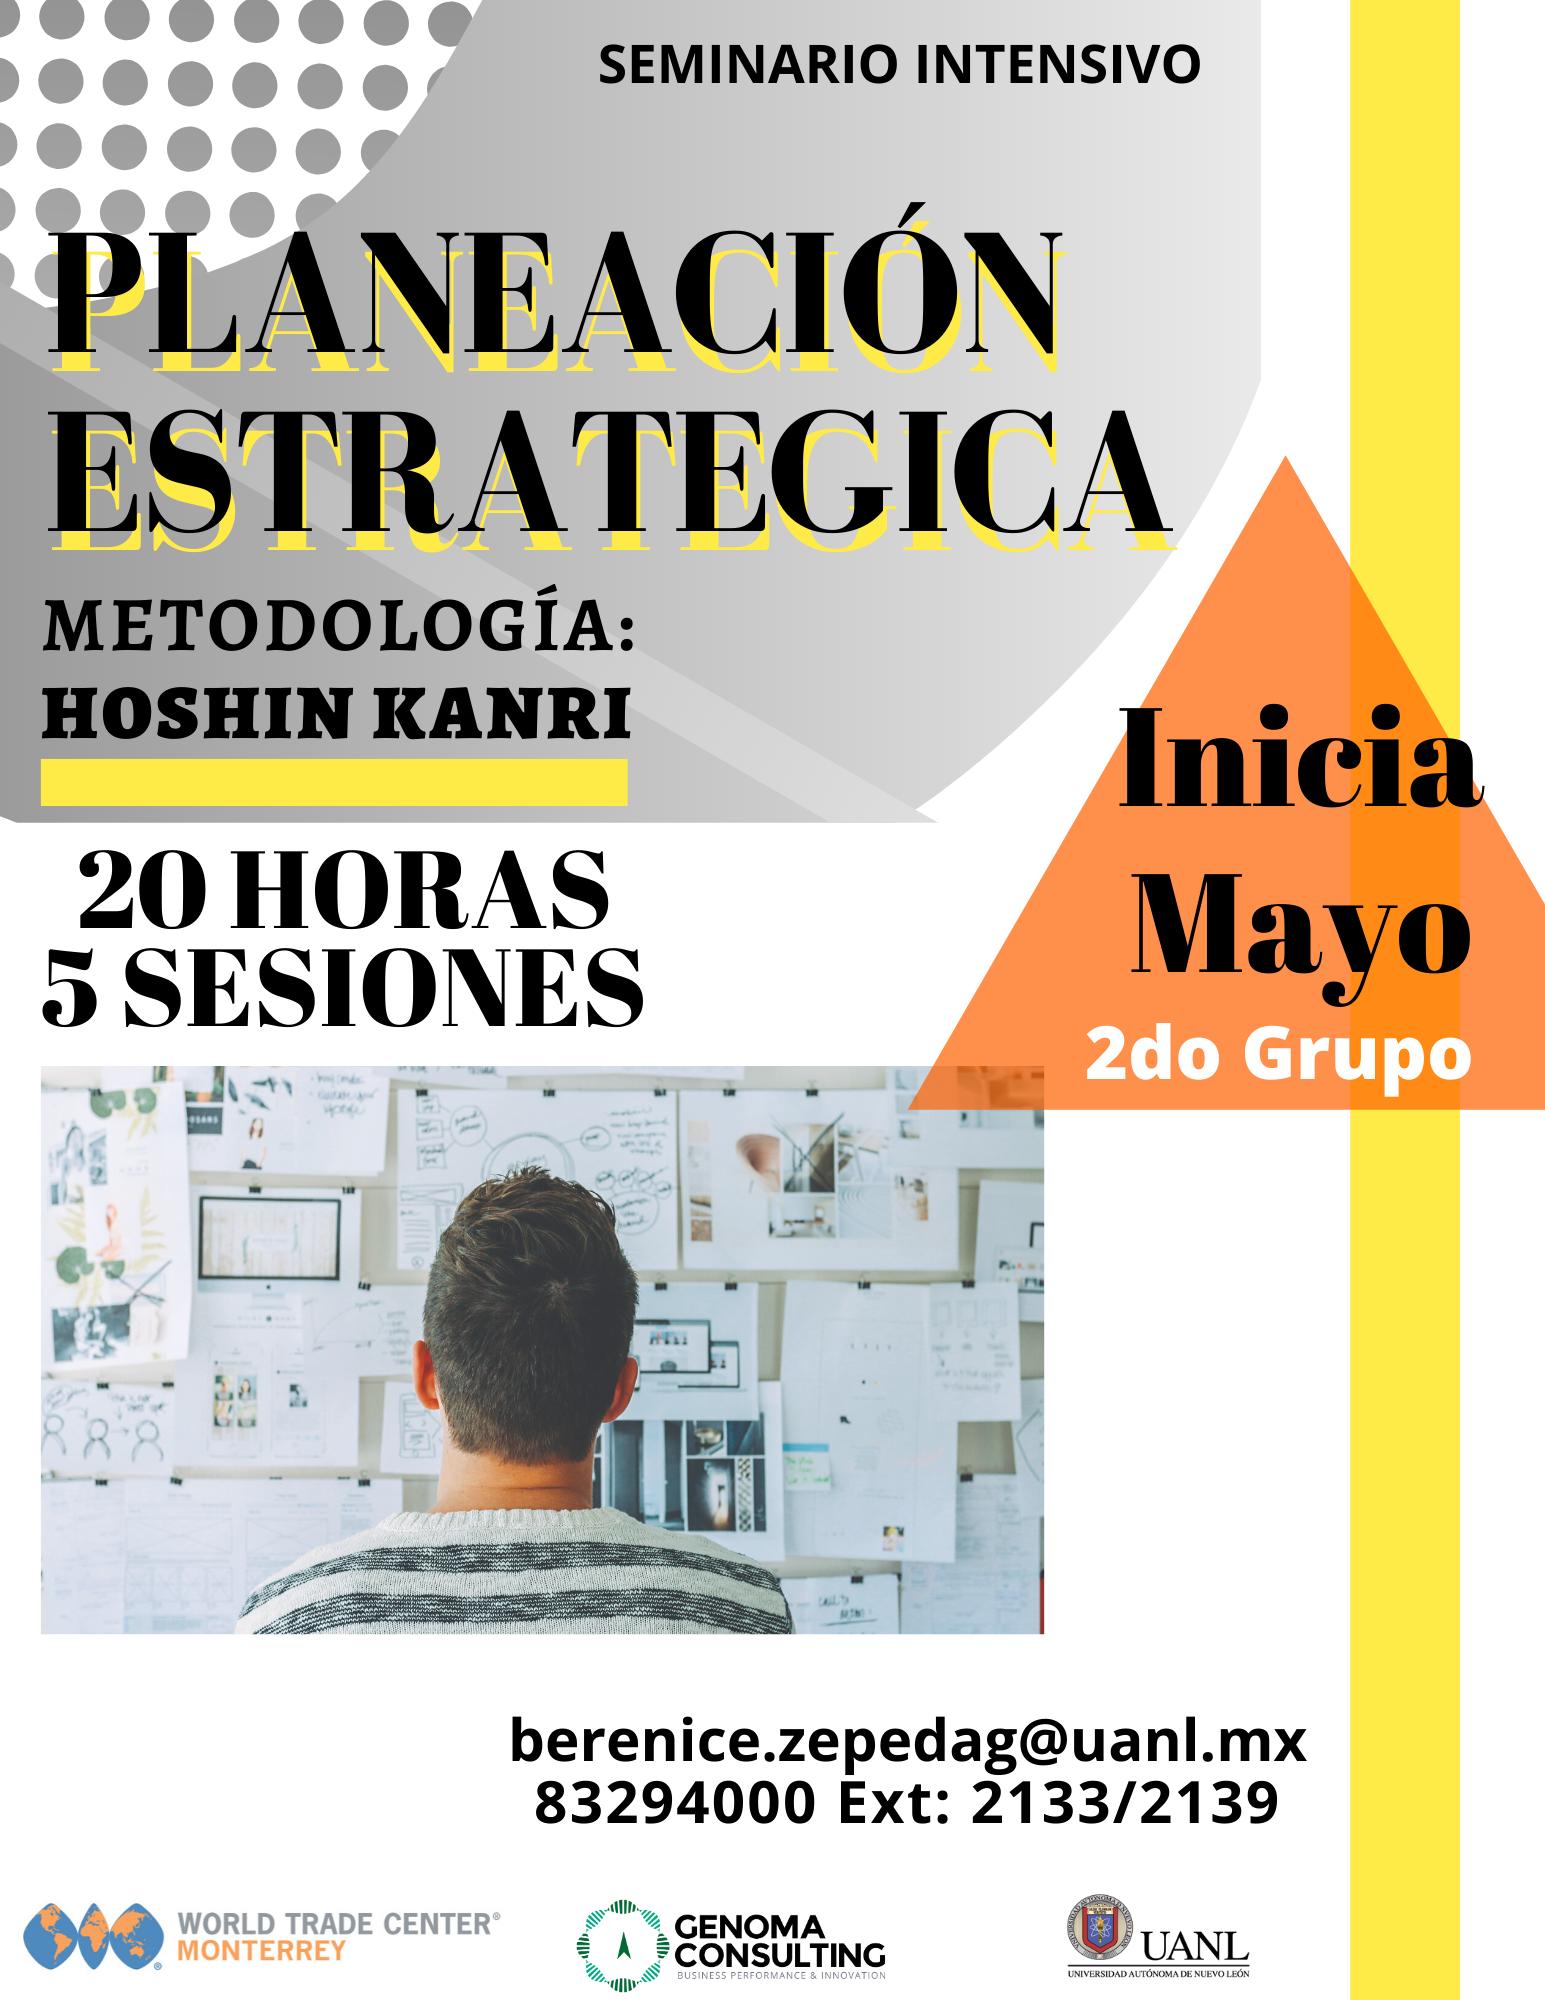 Seminario Intensivo: Planeación Estratégica